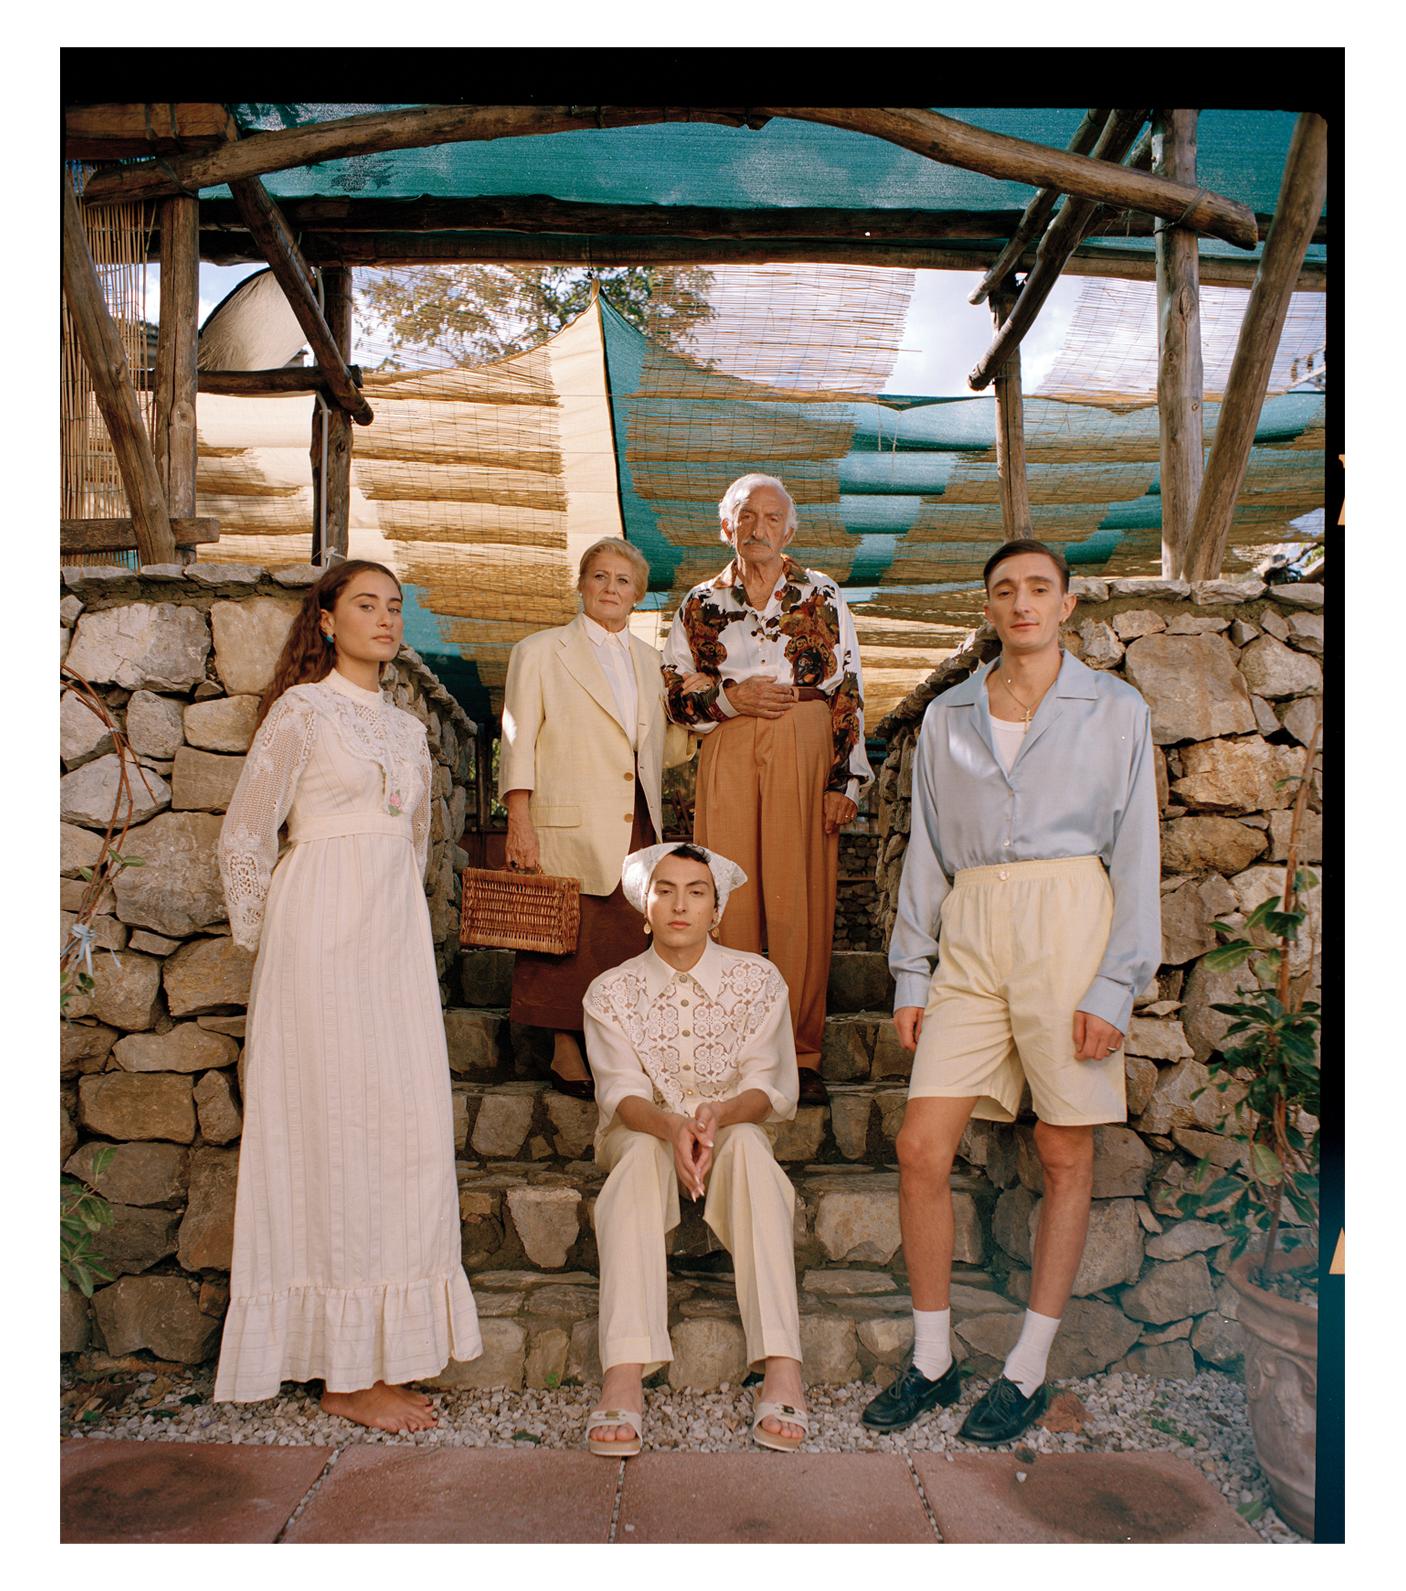 vaderetro_carmineromano_anni50 immigration